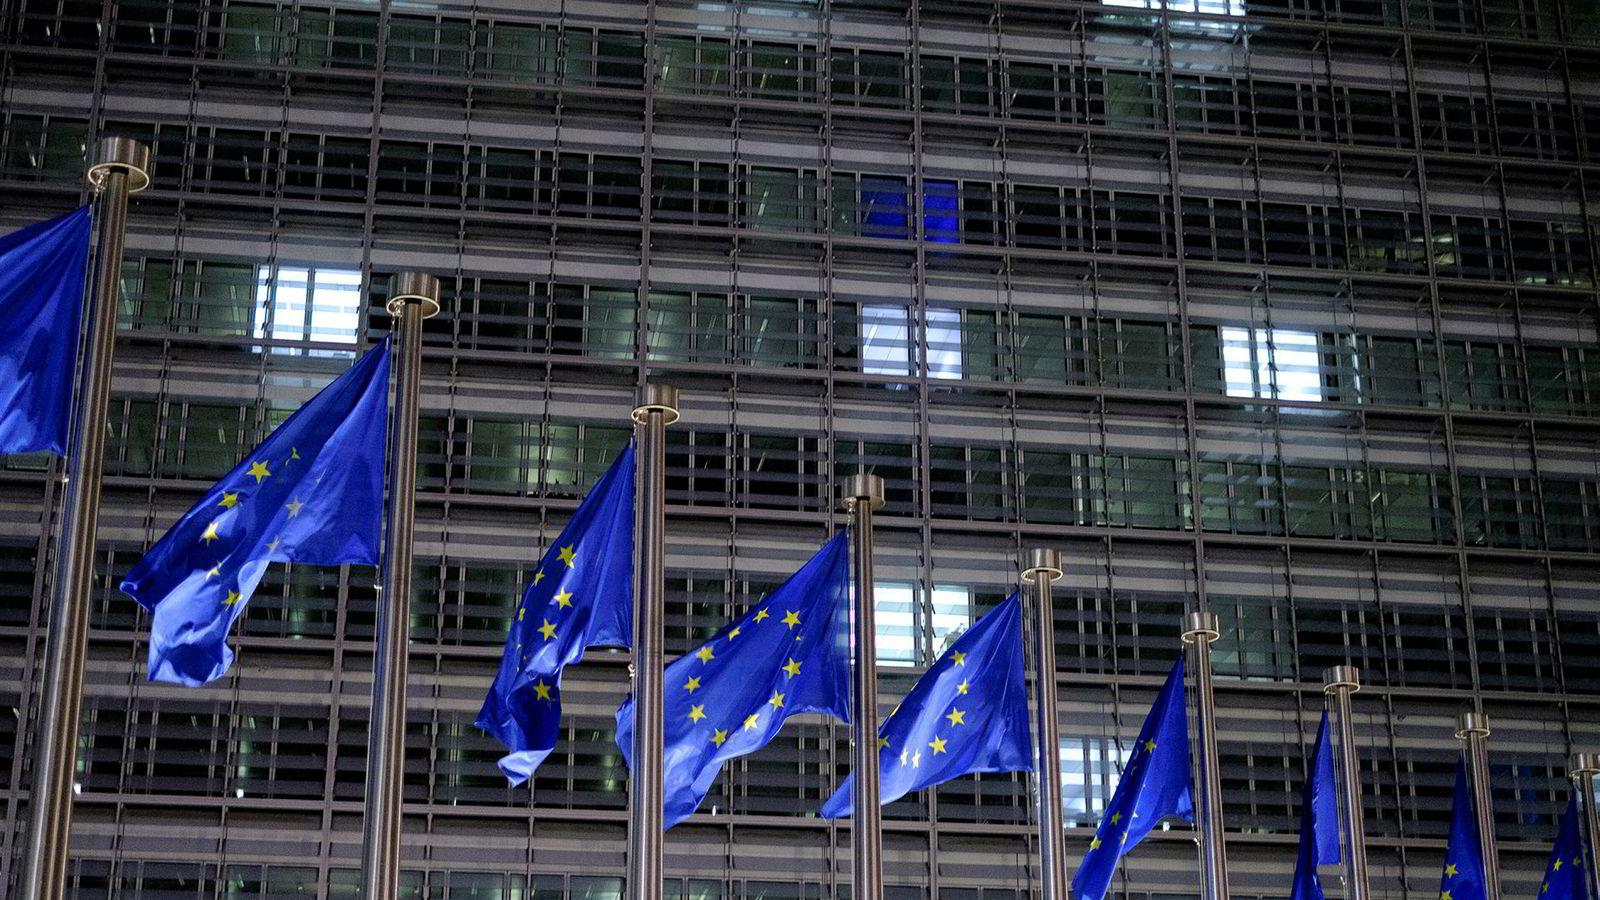 EU-domstolen sa nylig nei til kravet fra minoritetskreditorer om at den europeiske sentralbanken skulle dekke tapet restruktureringen av greske statsobligasjoner hadde påført dem. Her Berlaymont-bygningen i Brussel.